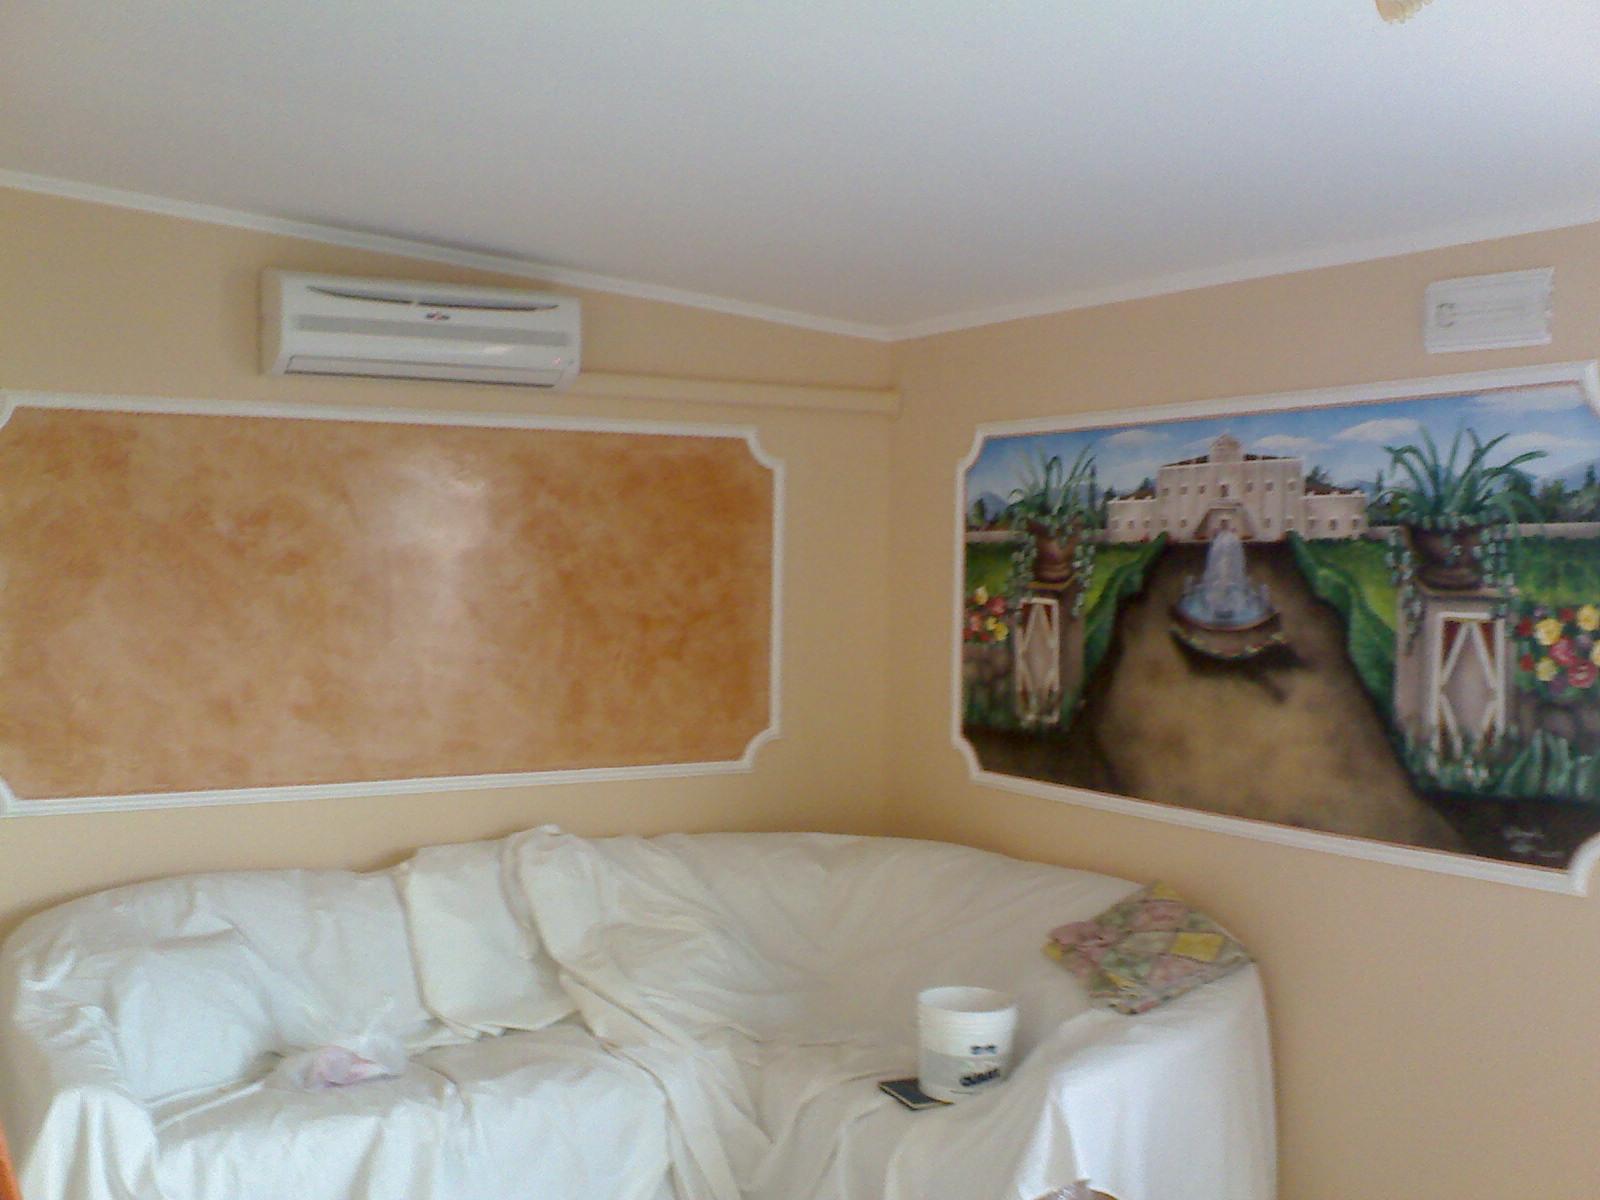 Pittura Stucco Veneziano Foto trompe l'oeil lugano ticino svizzera mendrisio aerografia